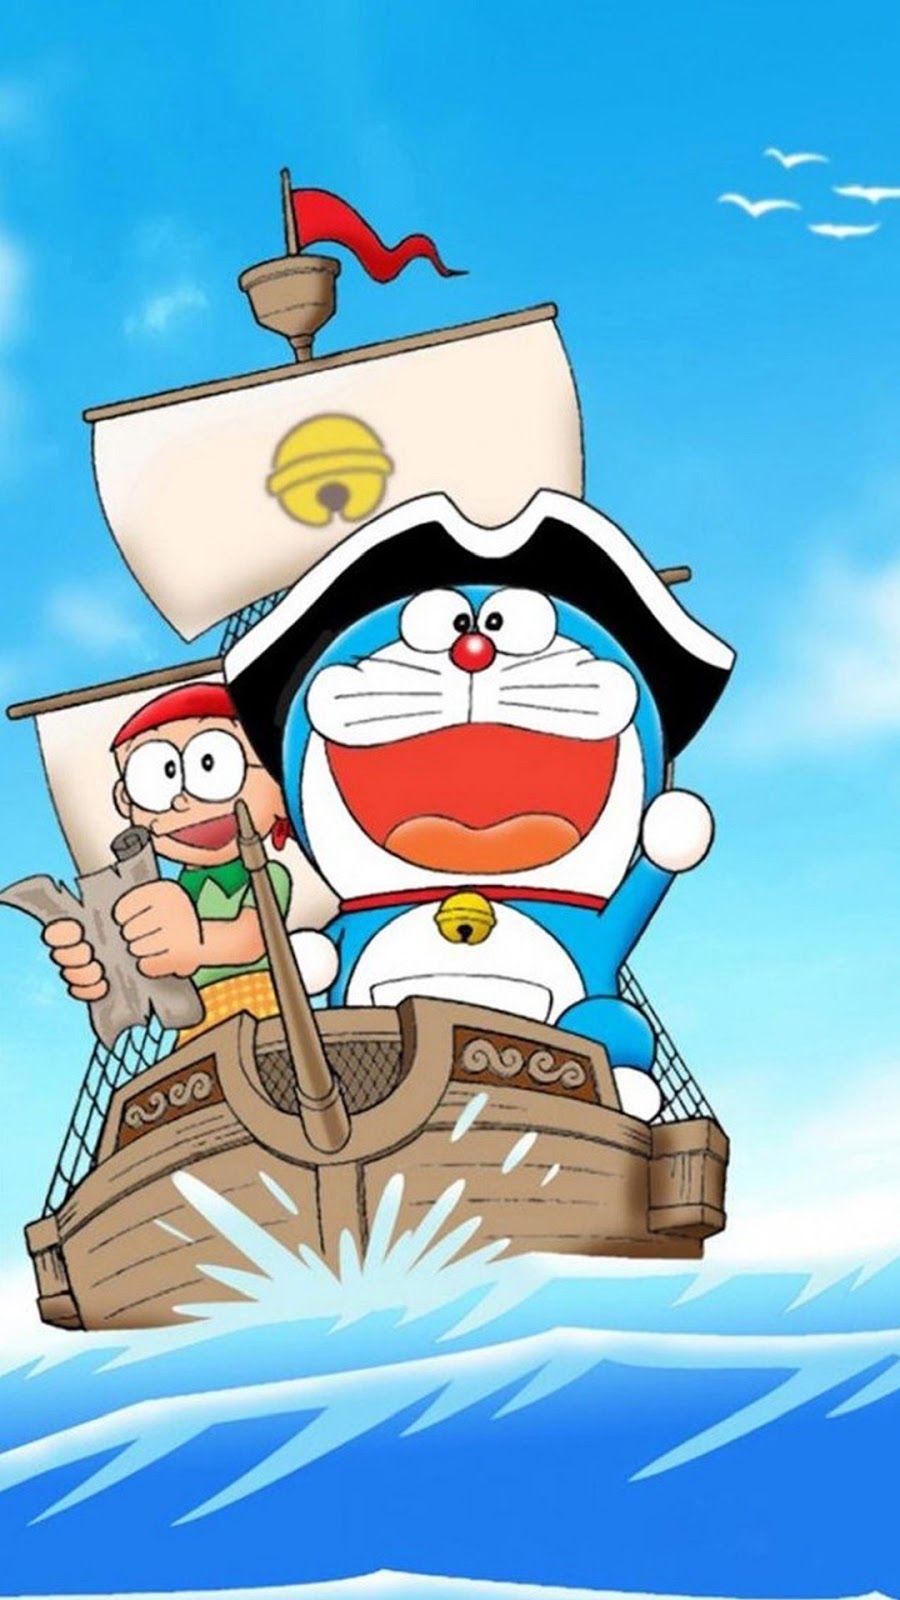 900x1600 Hình nền hoạt hình dễ thương và vui nhộn của Shin Chan, Nobita, Doraemon